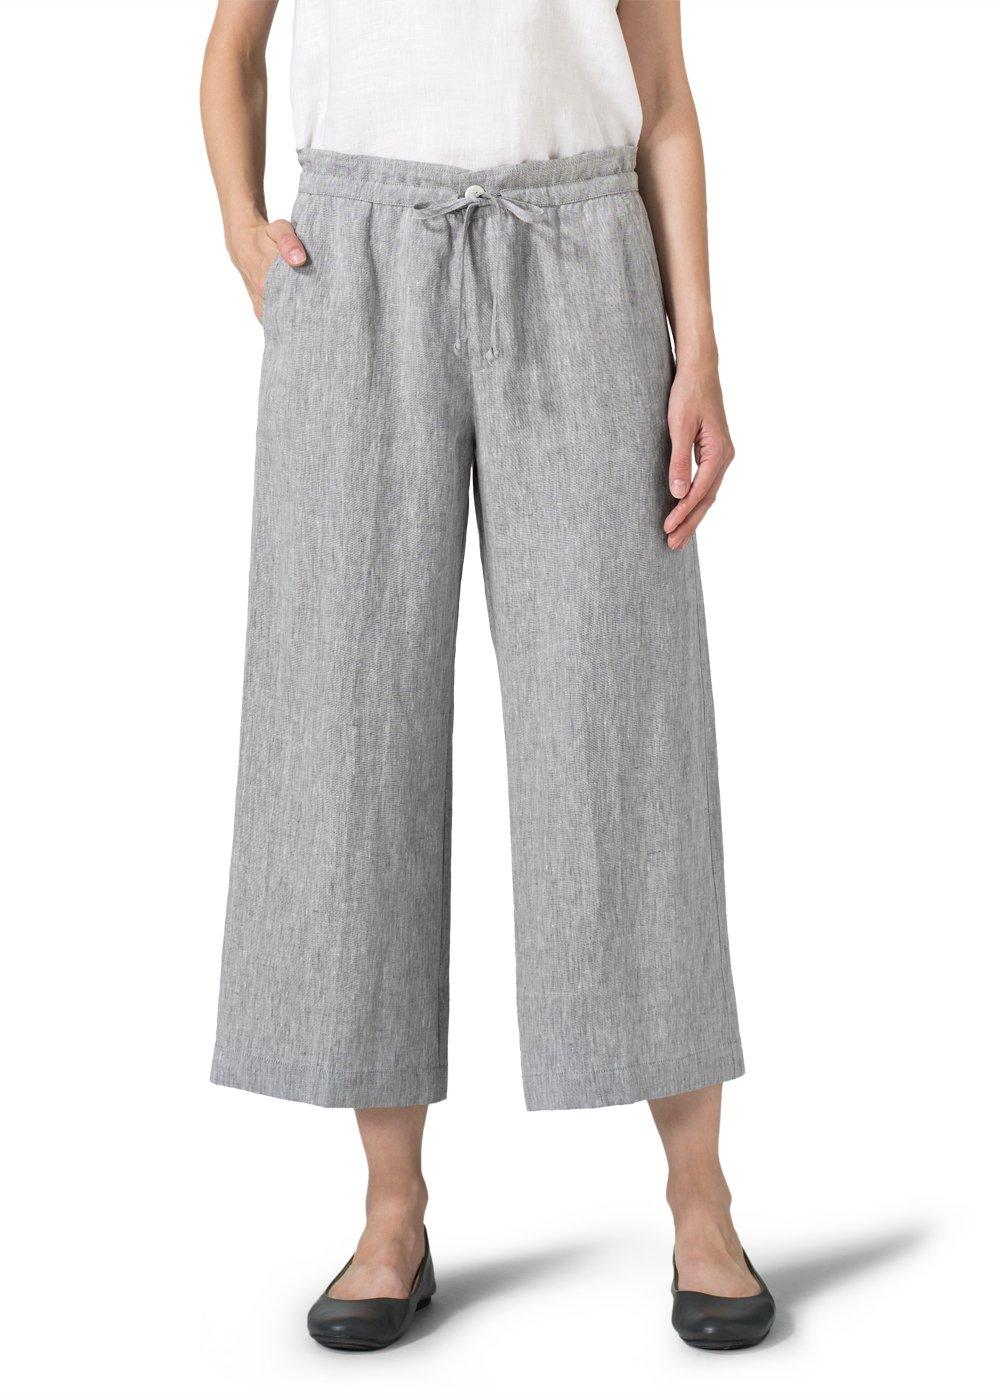 Vivid Linen Crop Drawstring Pants-M-Two Tone Gray White